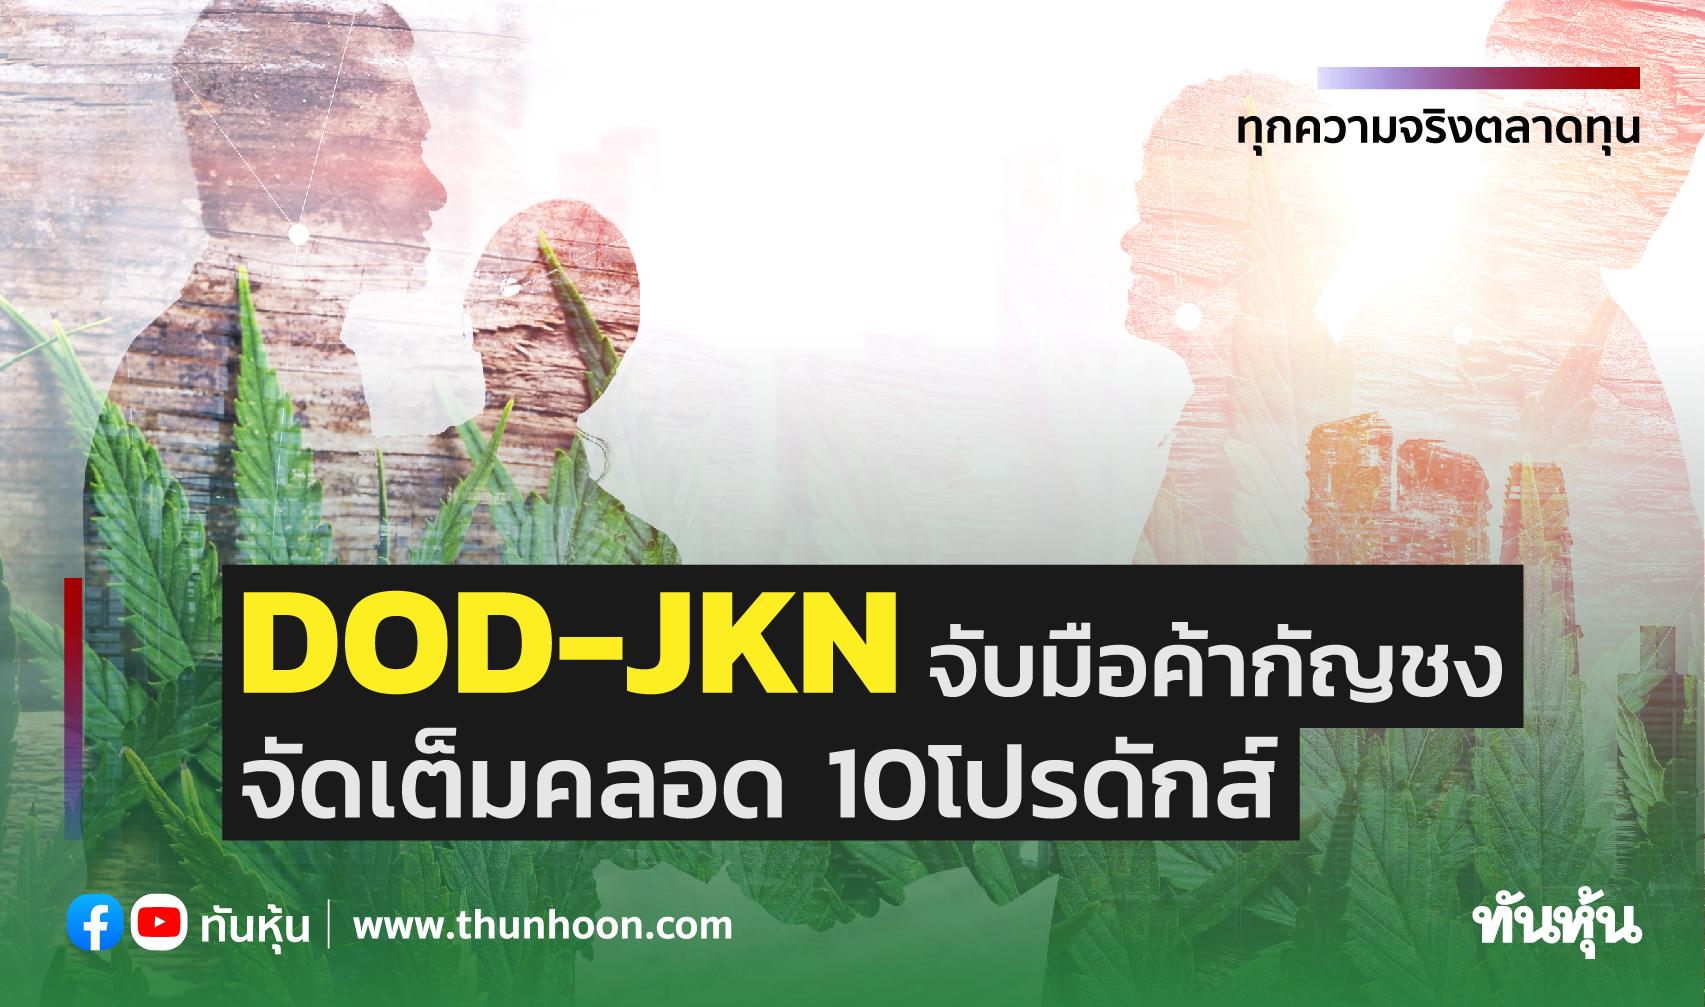 DOD-JKNจับมือค้ากัญชง จัดเต็มคลอด10โปรดักส์